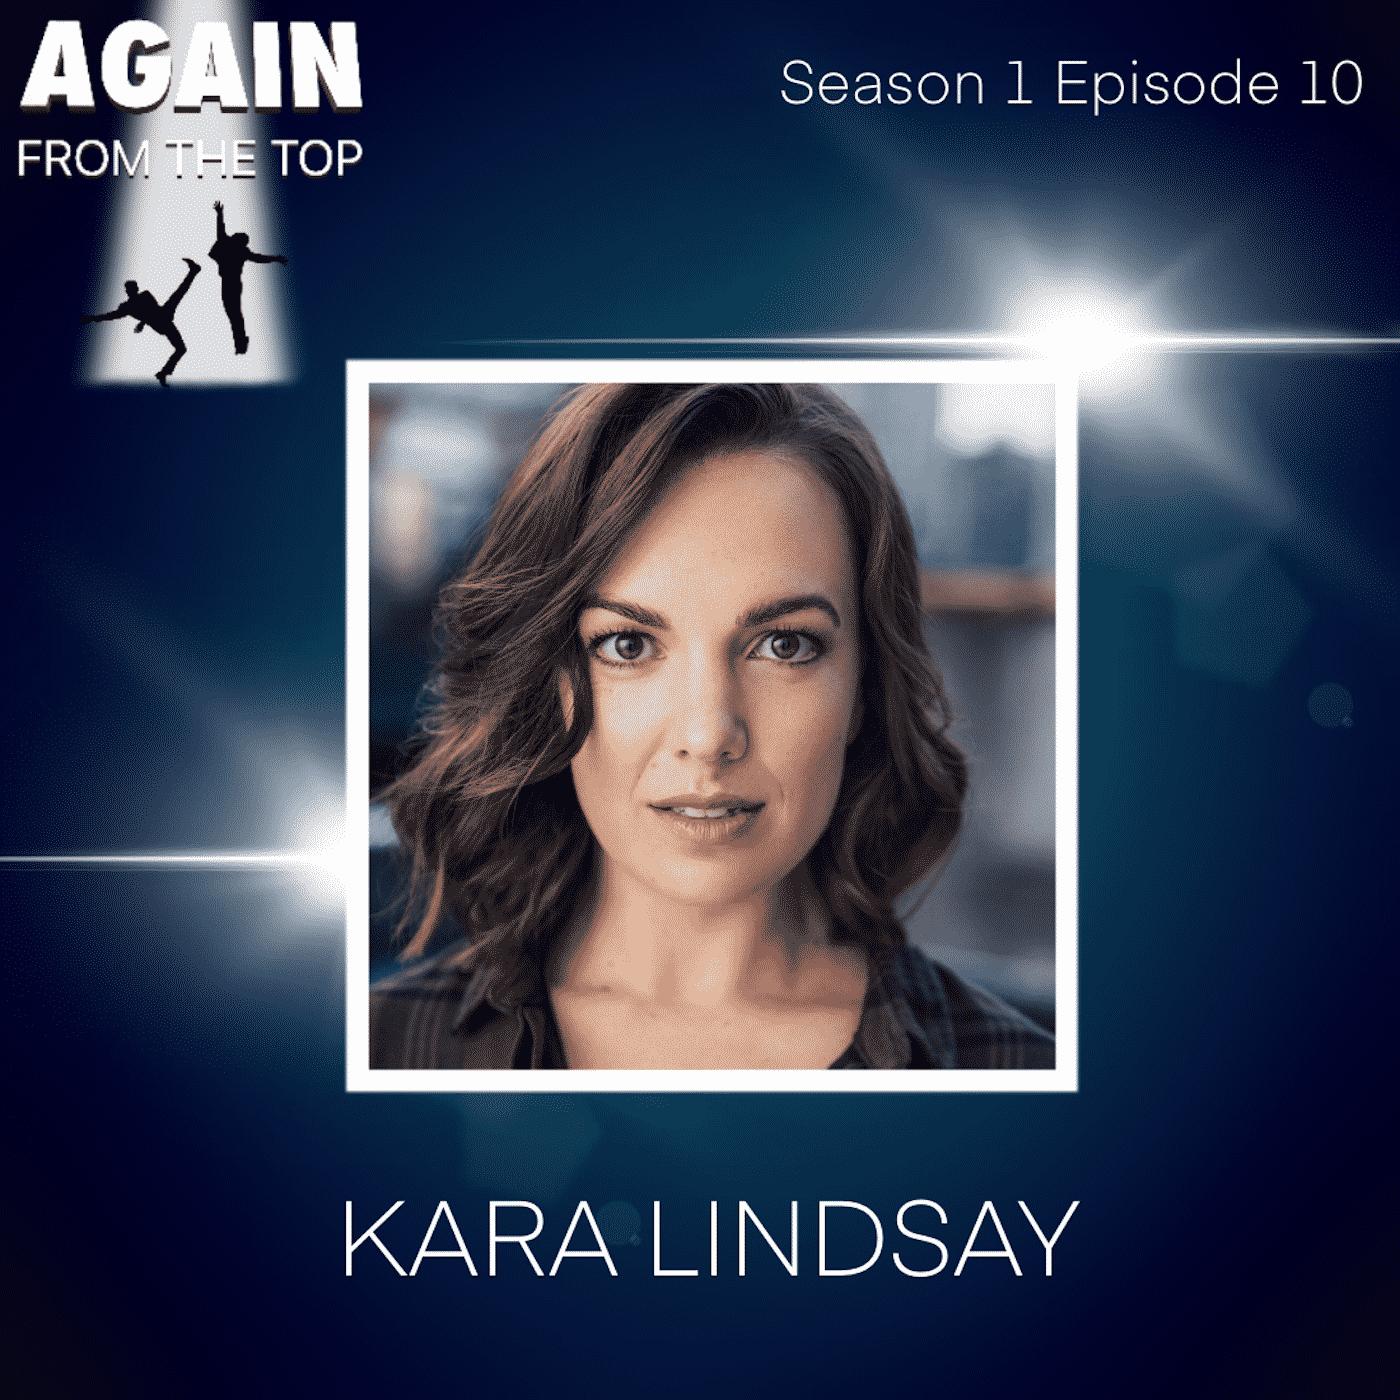 S1/Ep10: KARA LINDSAY: LOOK! IT'S GLINDAAA!